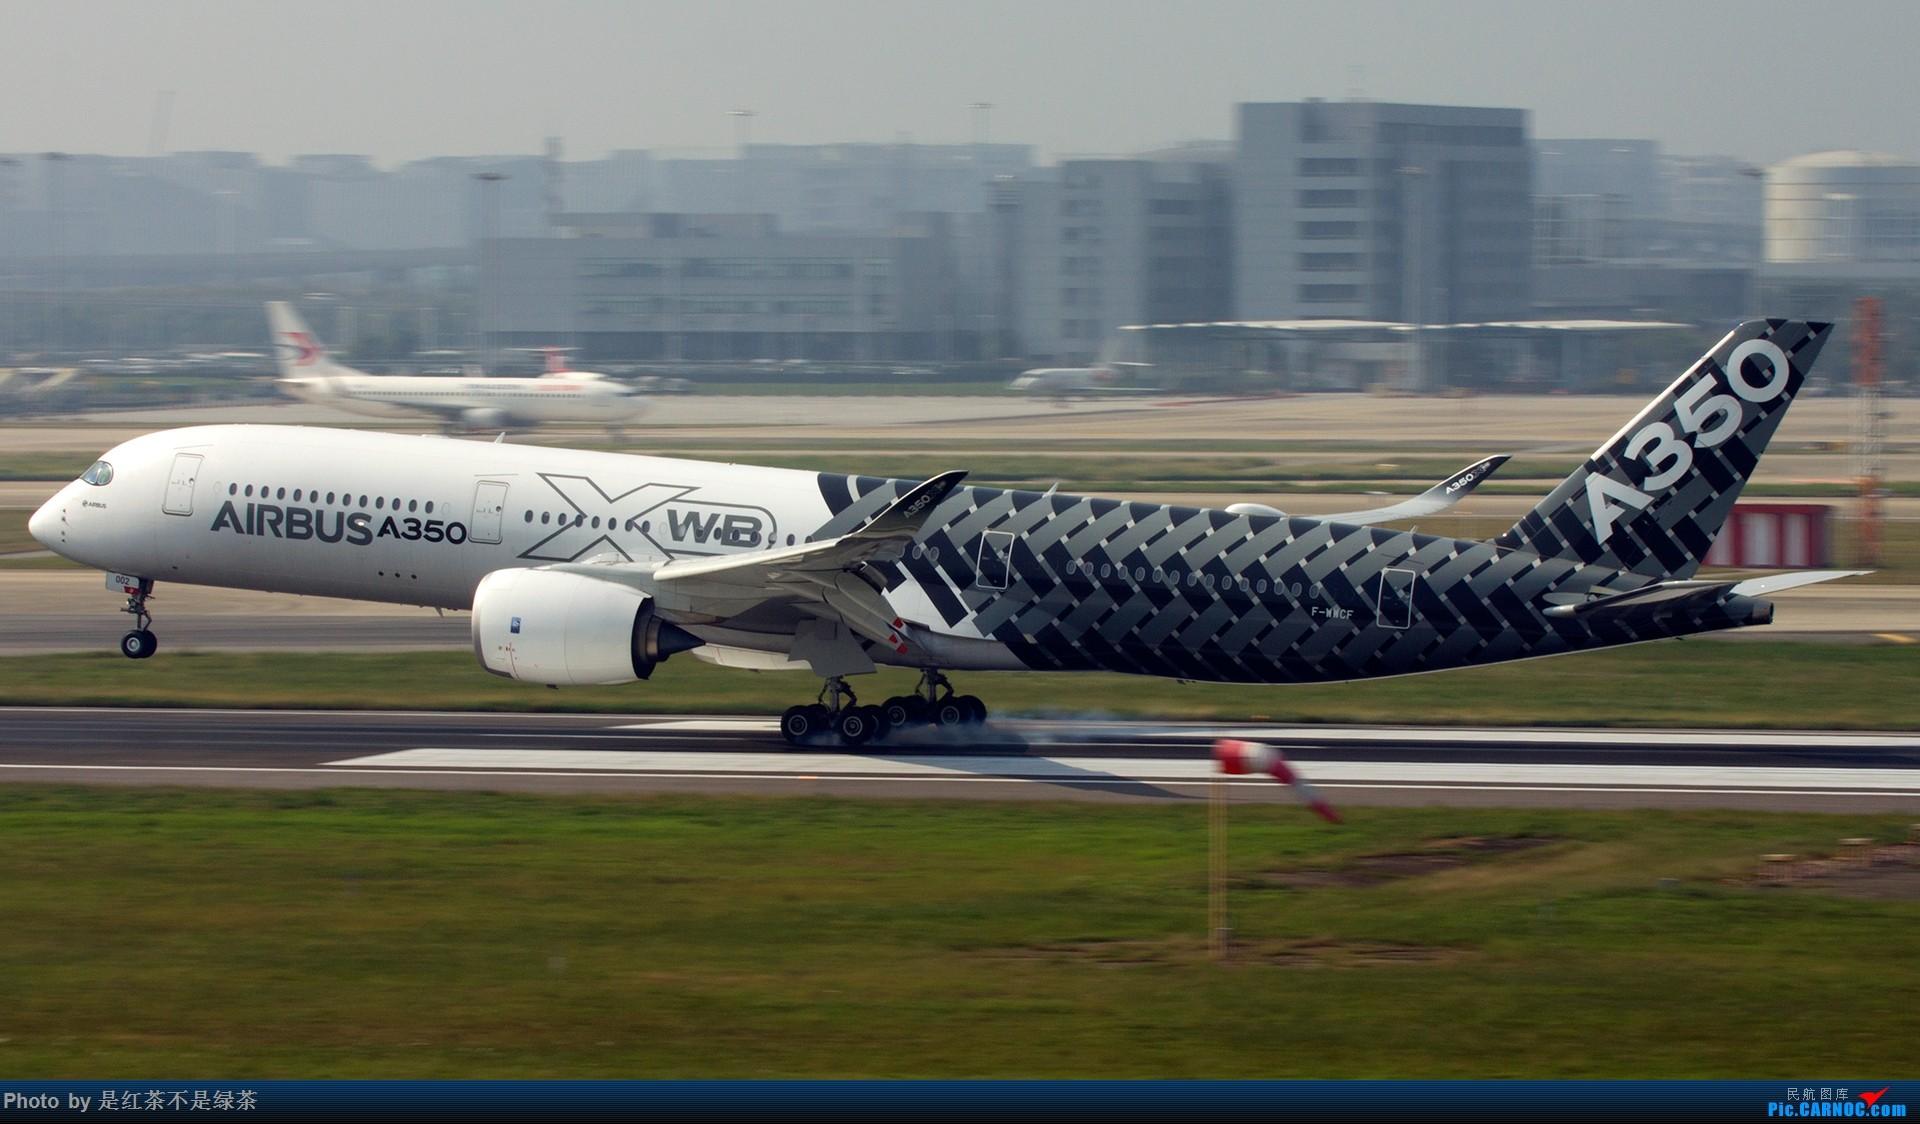 [原创]【红茶拍机】难得冒泡,我来做回一图党,A350虹桥擦烟算不算独家? AIRBUS A350-900 F-WWCF 中国上海虹桥国际机场